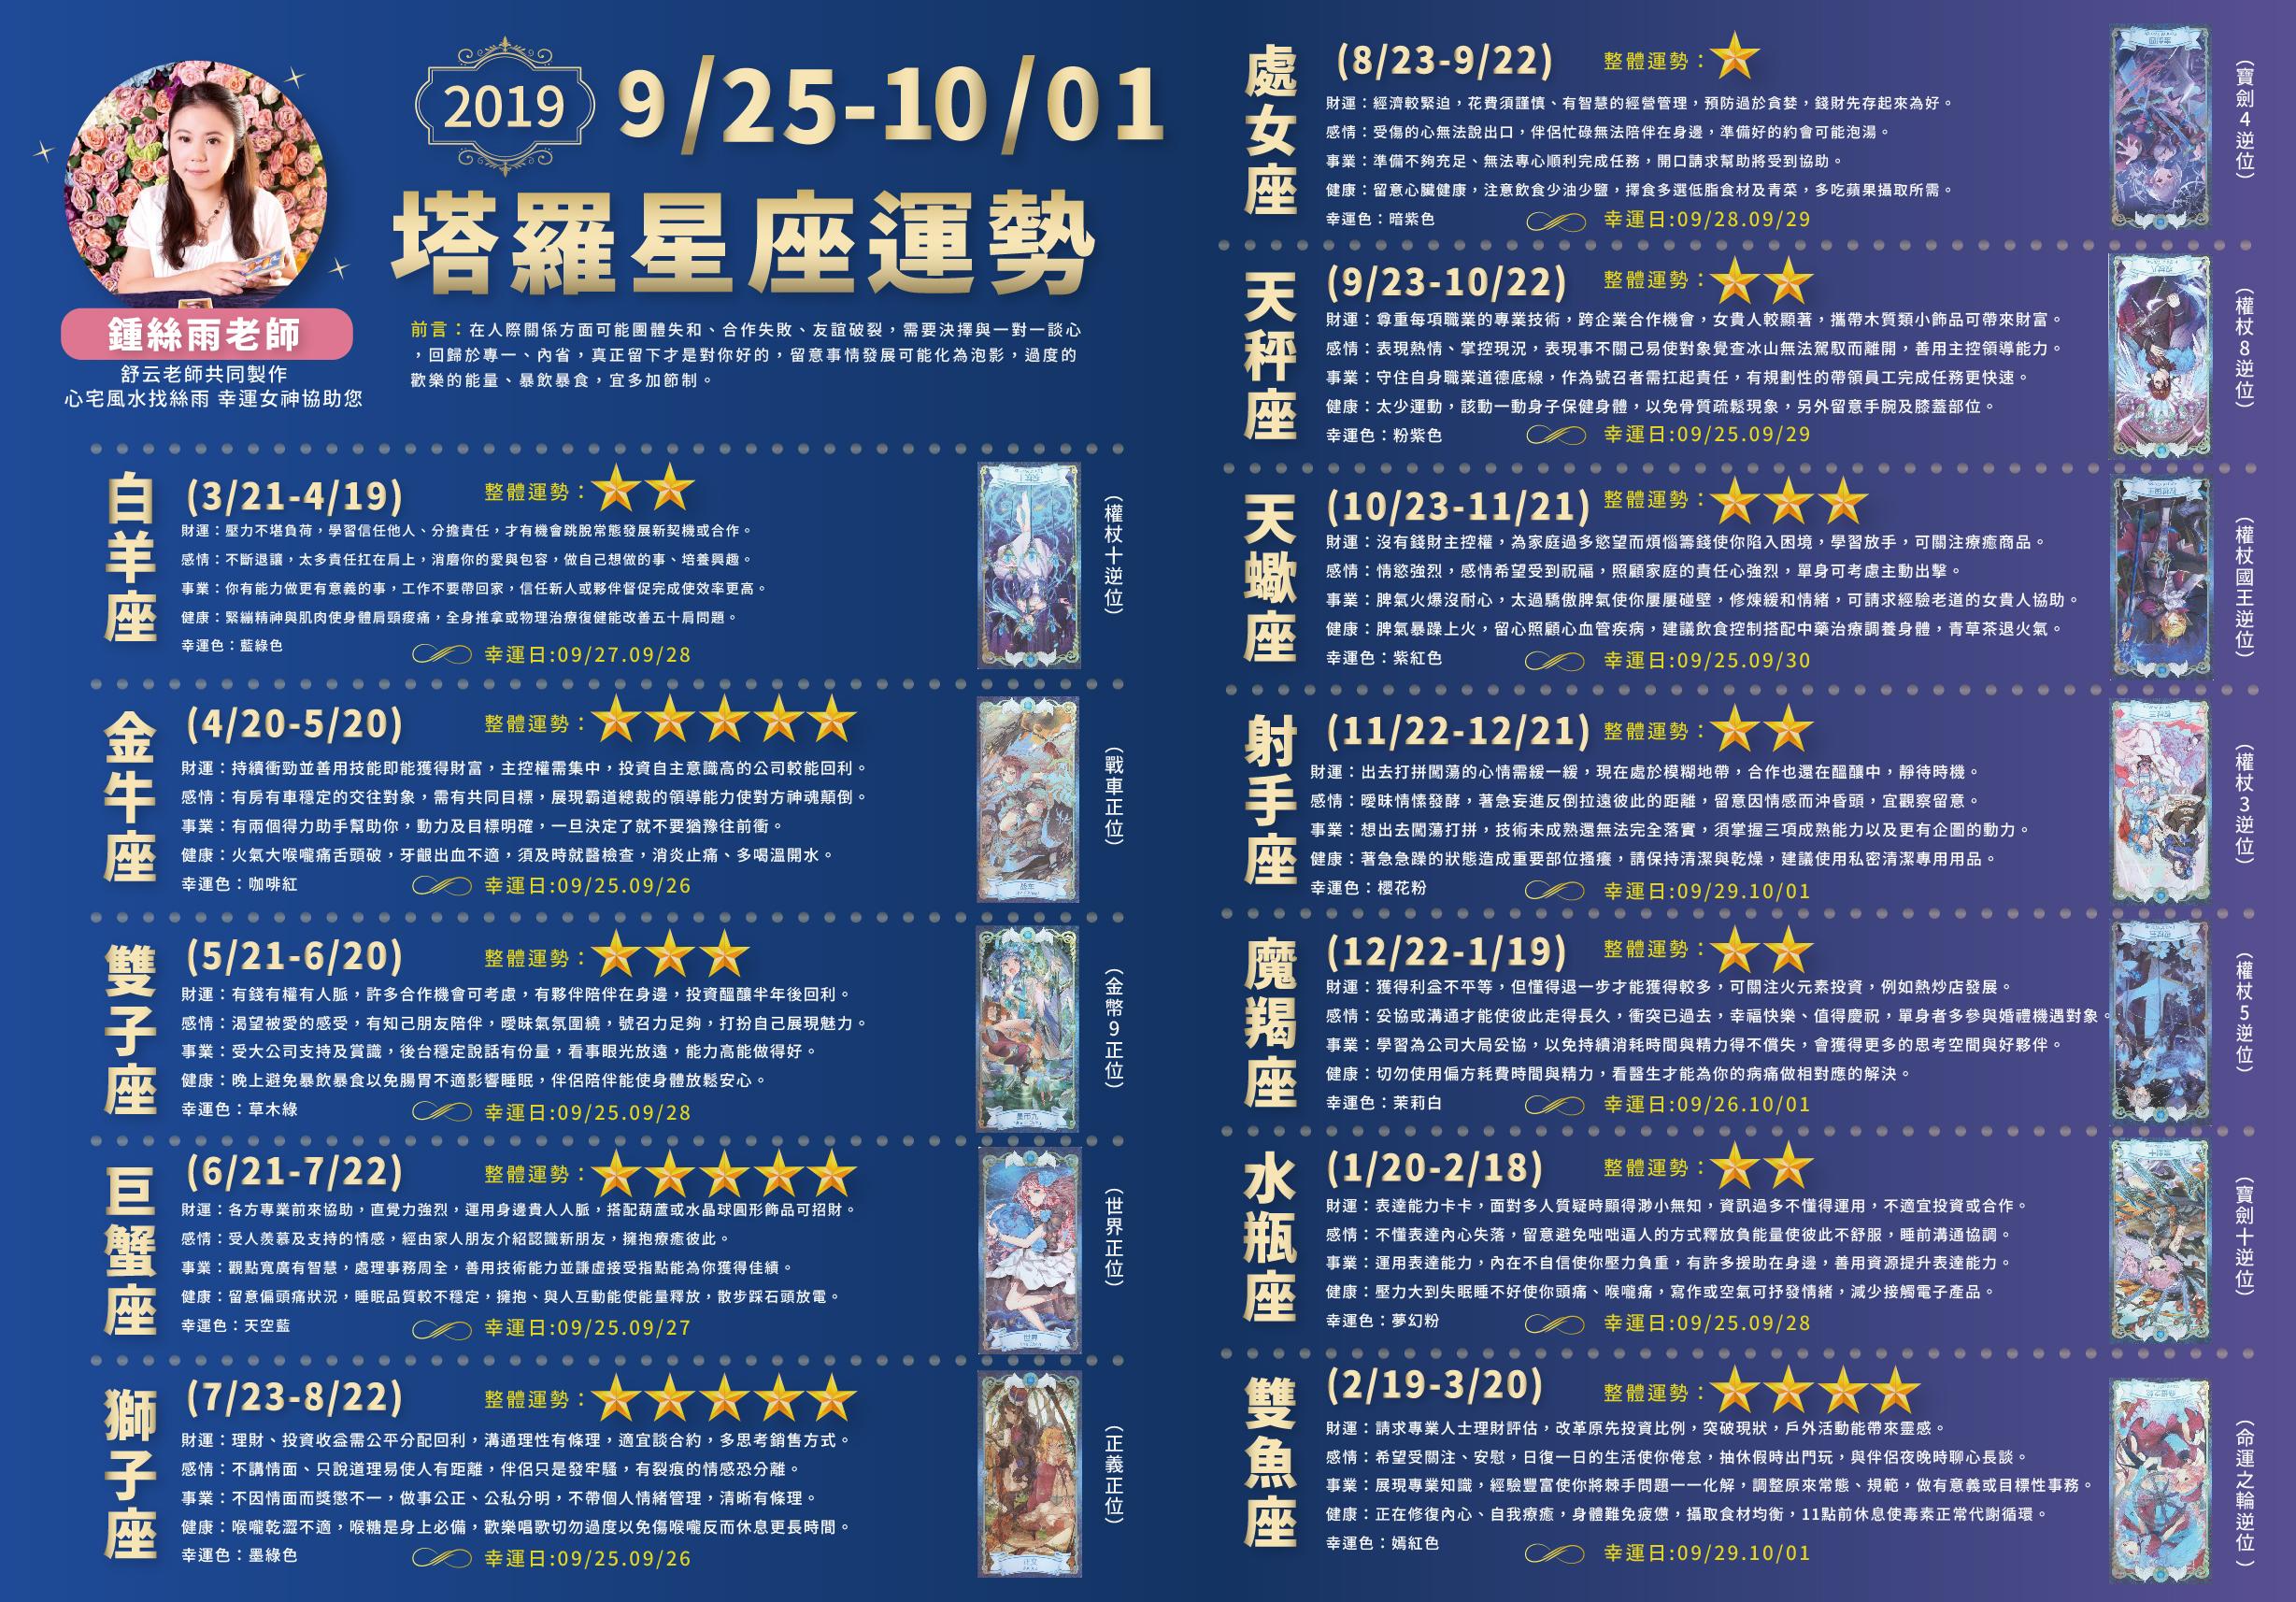 雜誌星座運勢-01